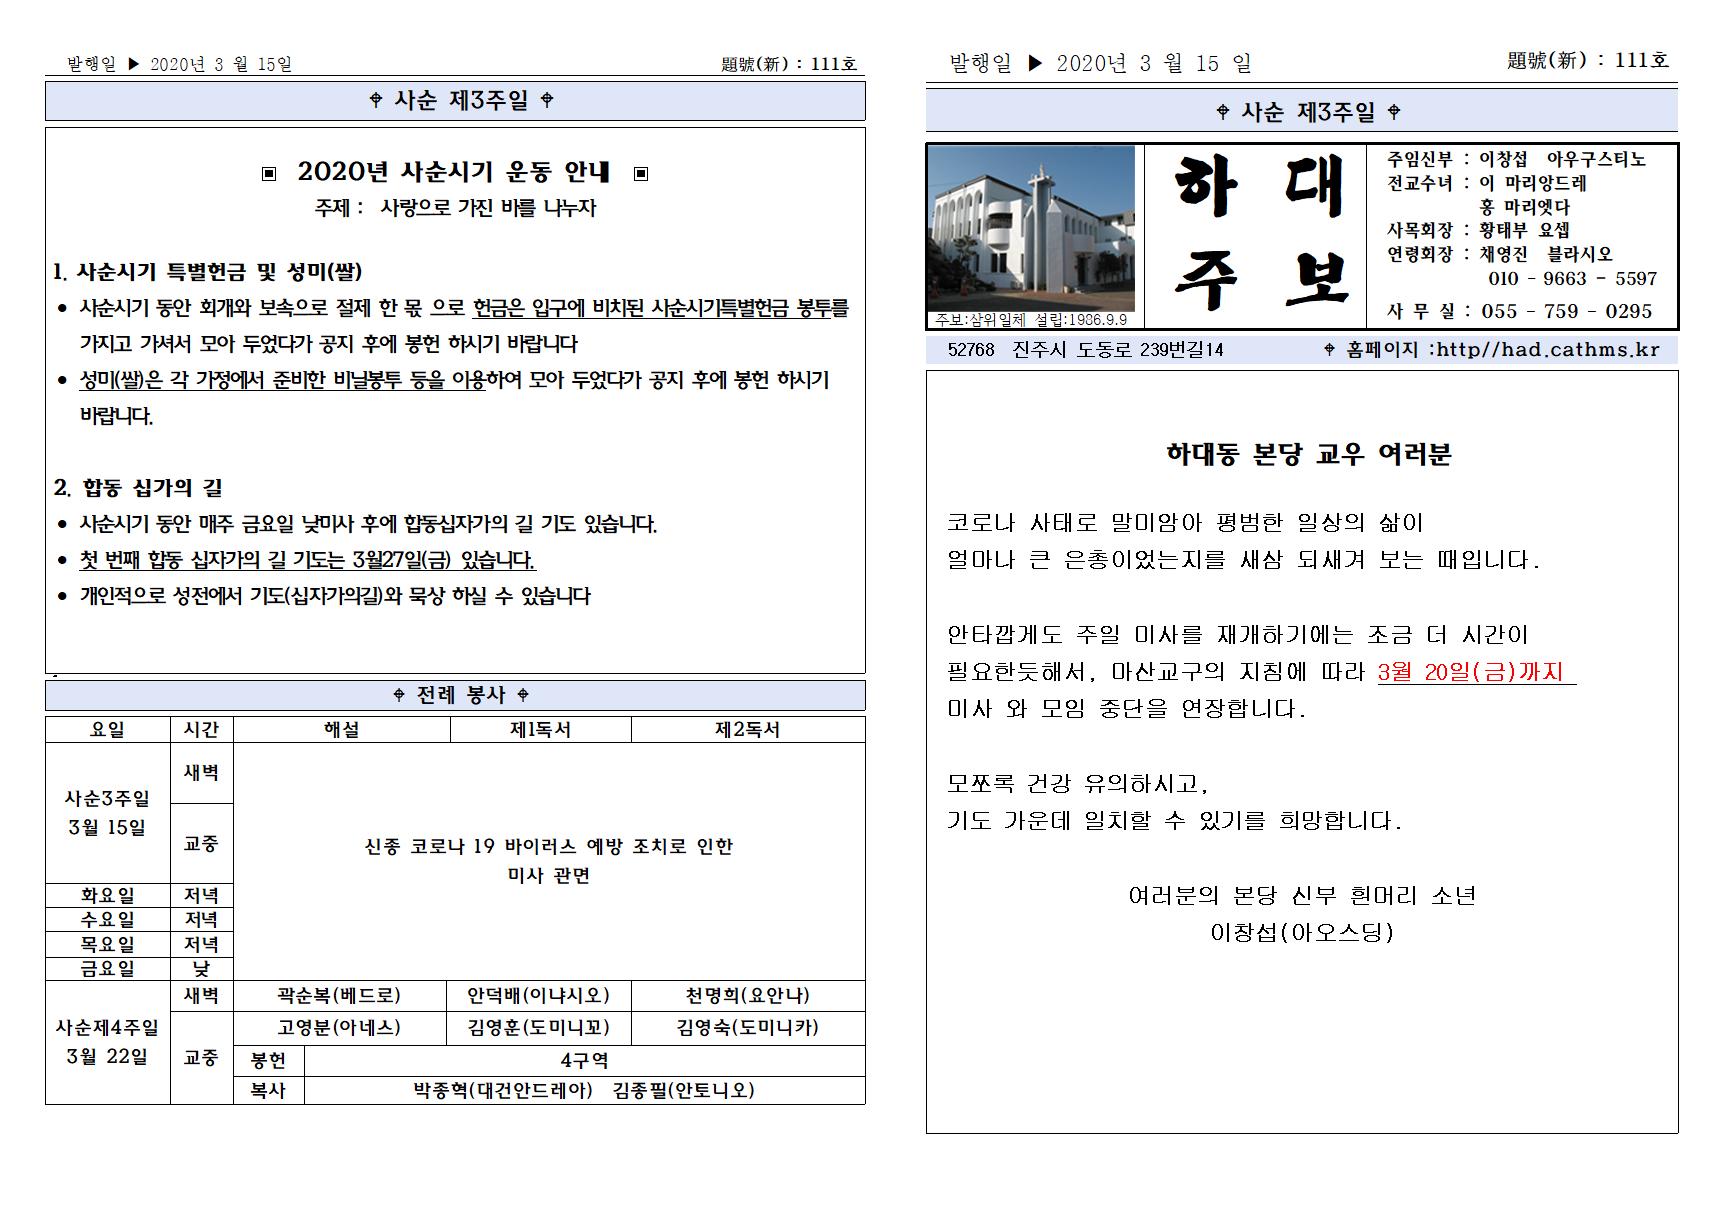 사순제3주일(2020년3월15일)001.png